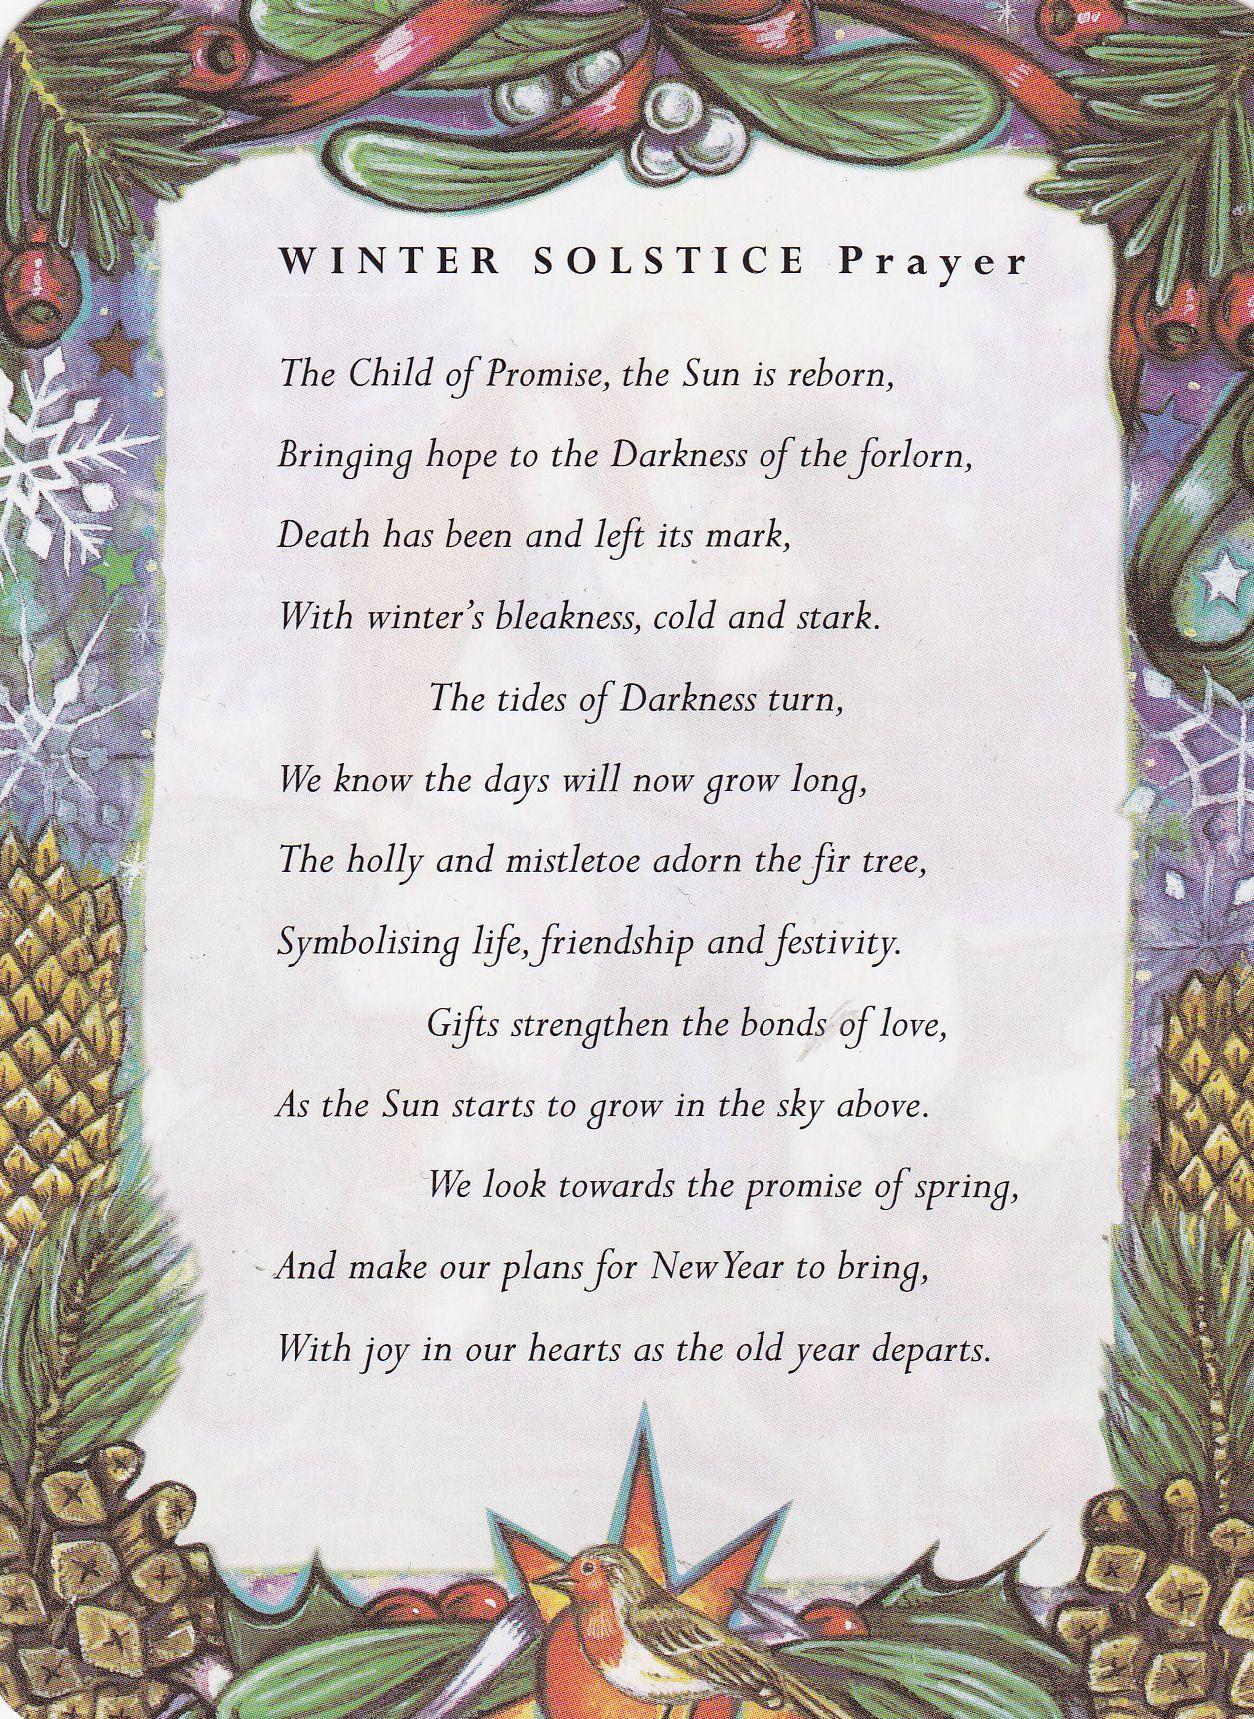 Winter Solstice Prayer Wintersonnenwende Heidnisches